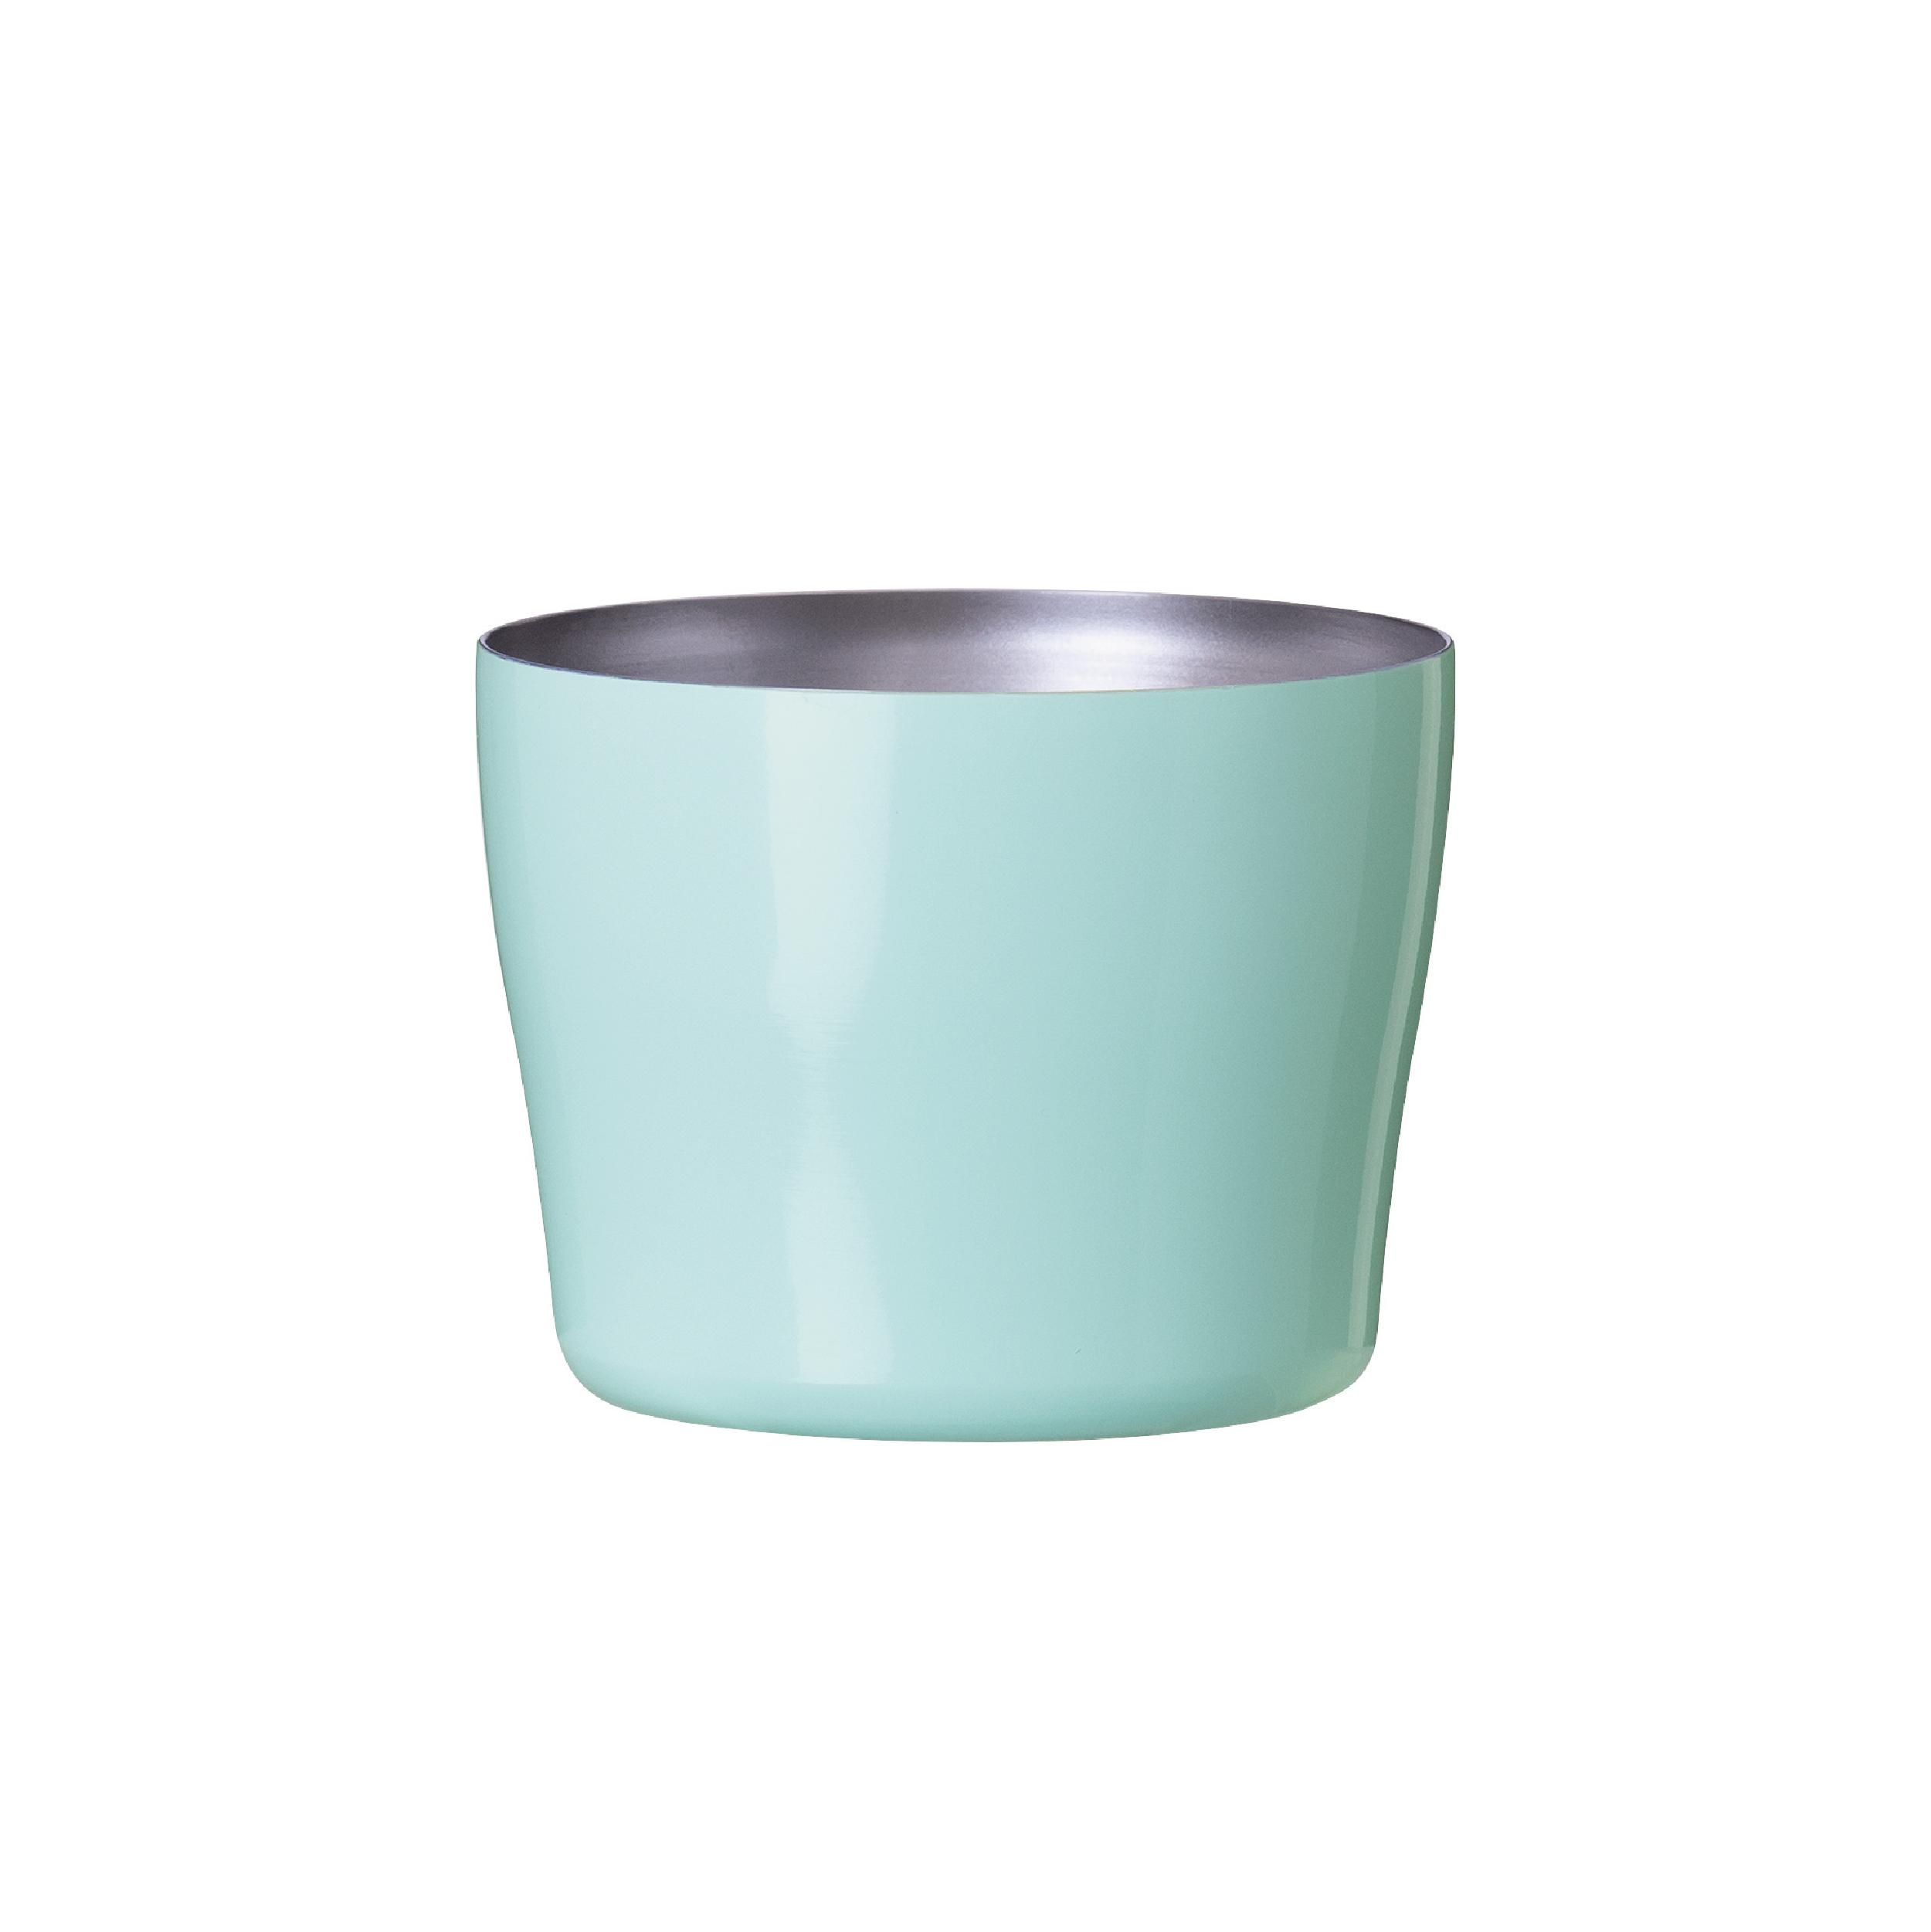 Sinqs アイスクリームカップ150ml ブルー image01